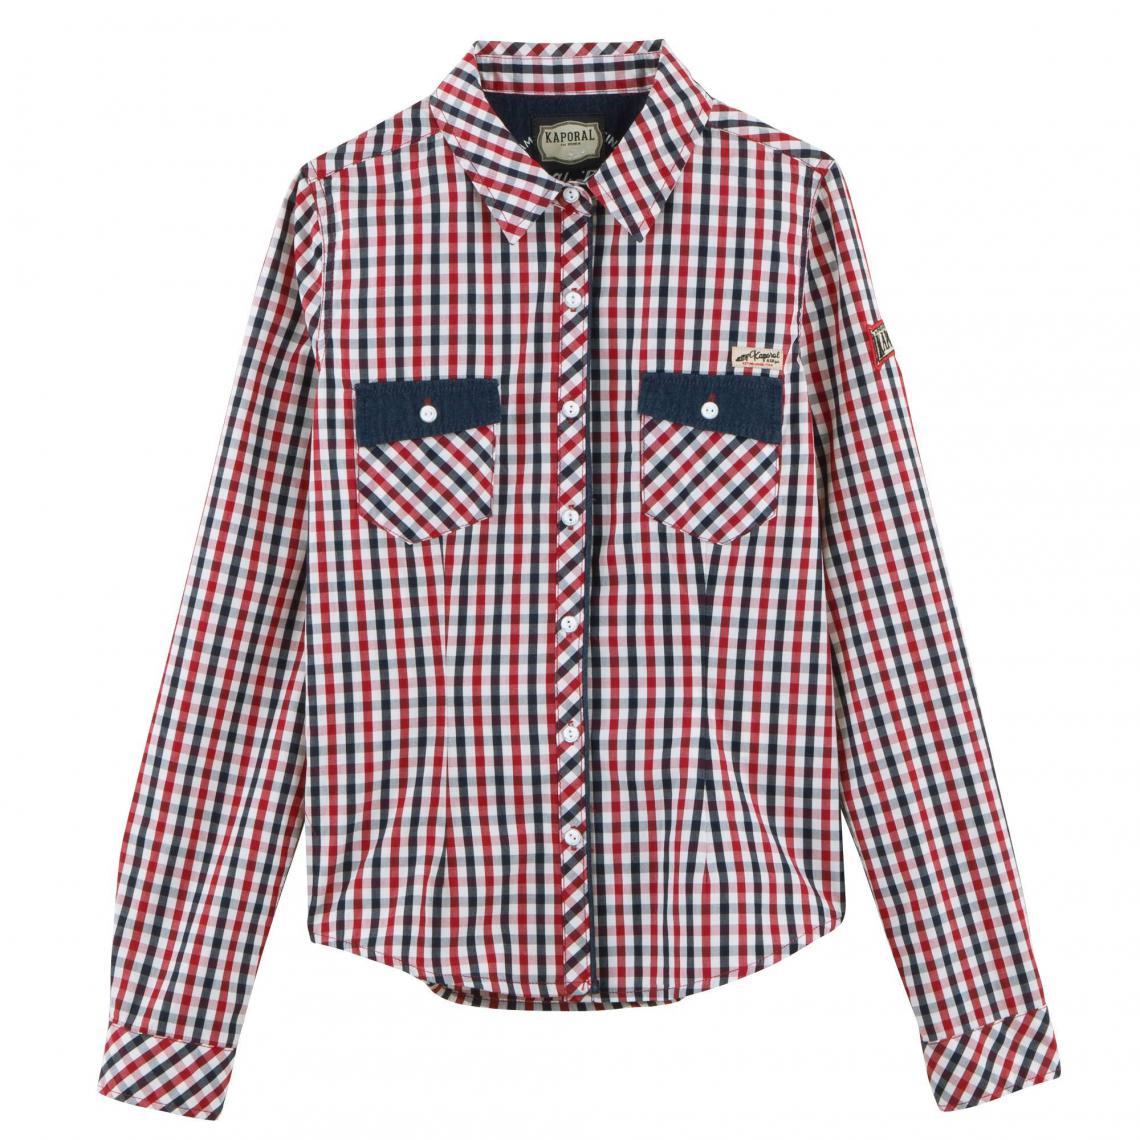 Chemise à carreaux vichy manches longues femme Kaporal - Carreaux Rouge  Kaporal 5 Femme 26693e1ffba6